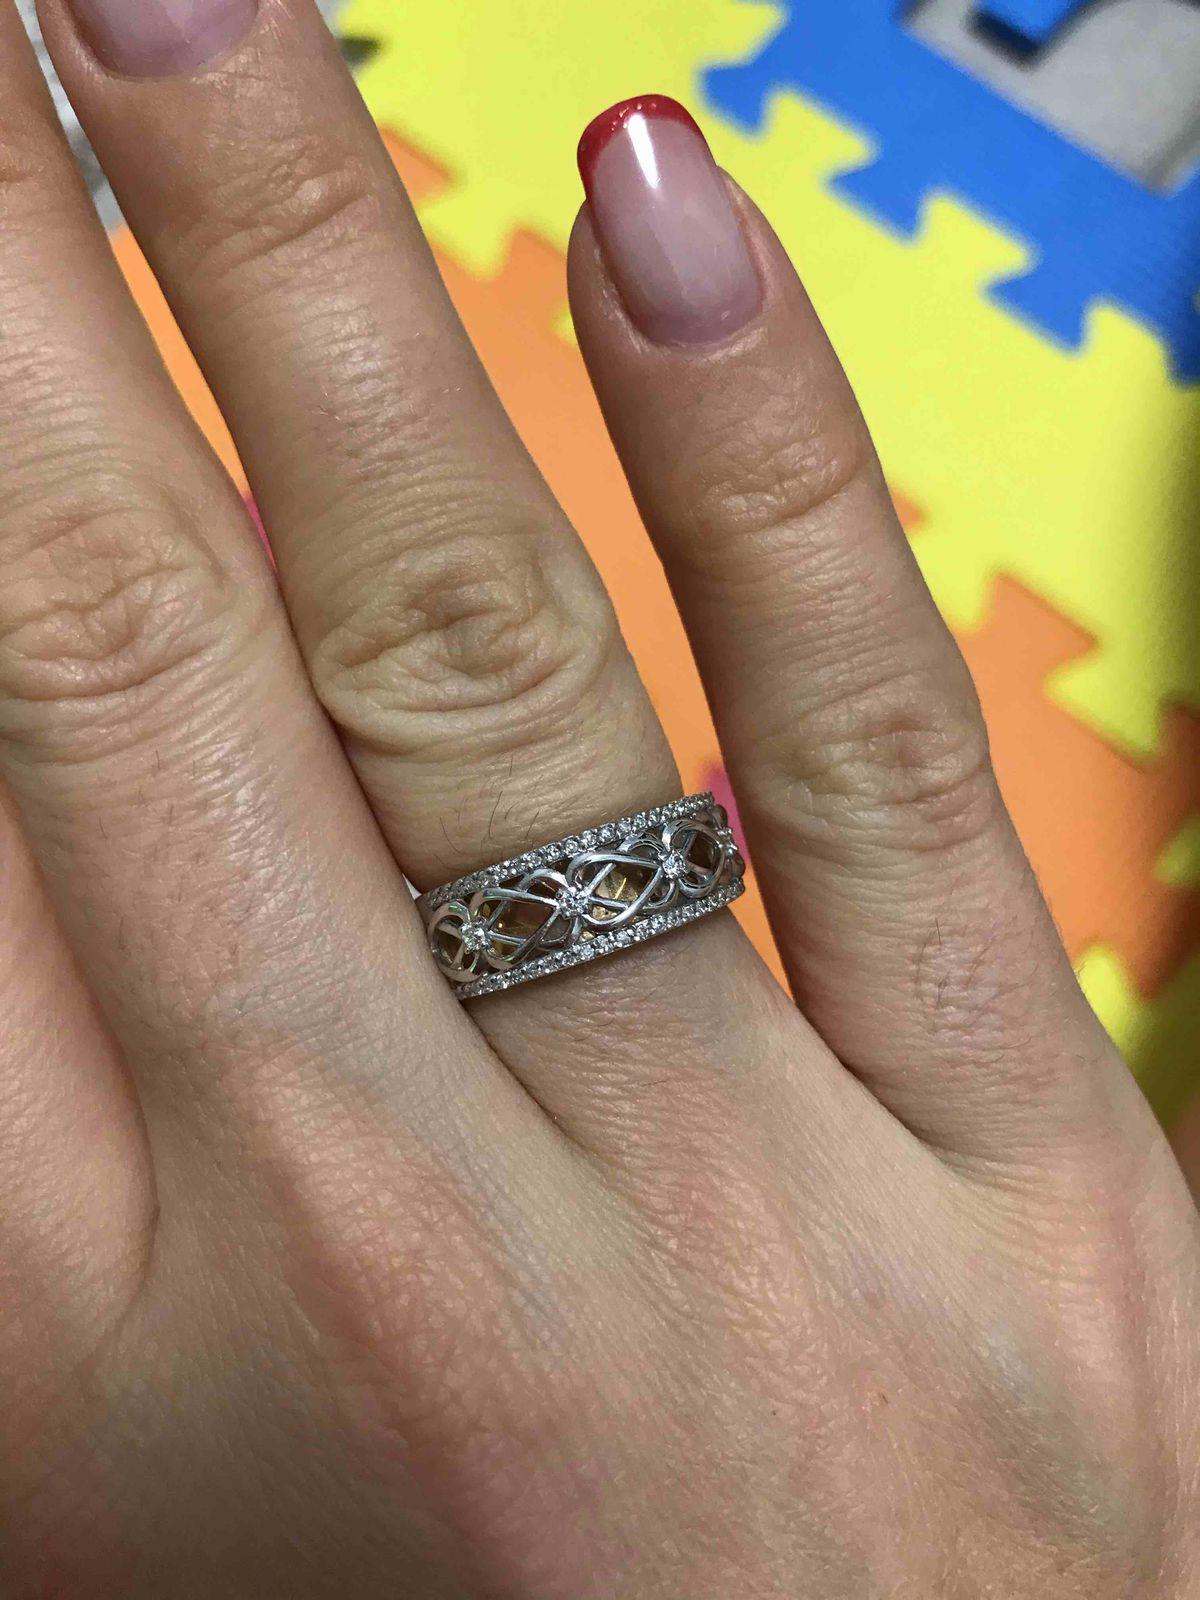 Кольцо красивое, хочу еще сережки к нему